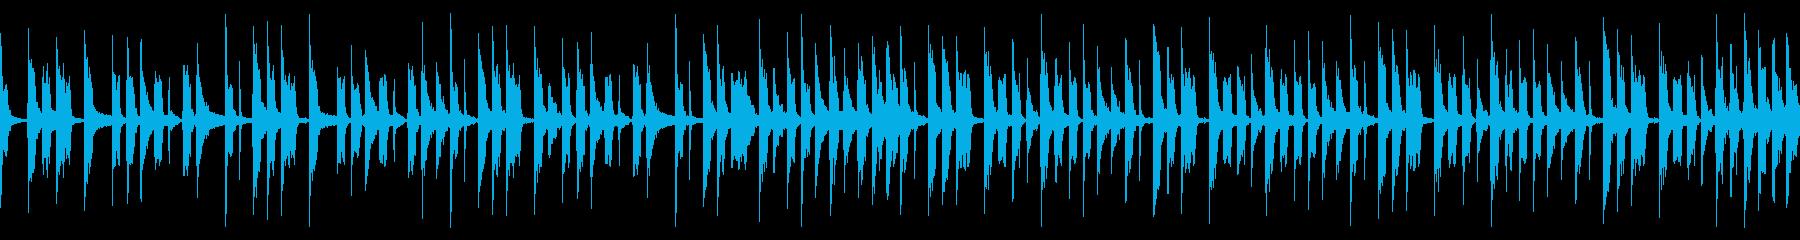 シンプルなベースループの再生済みの波形